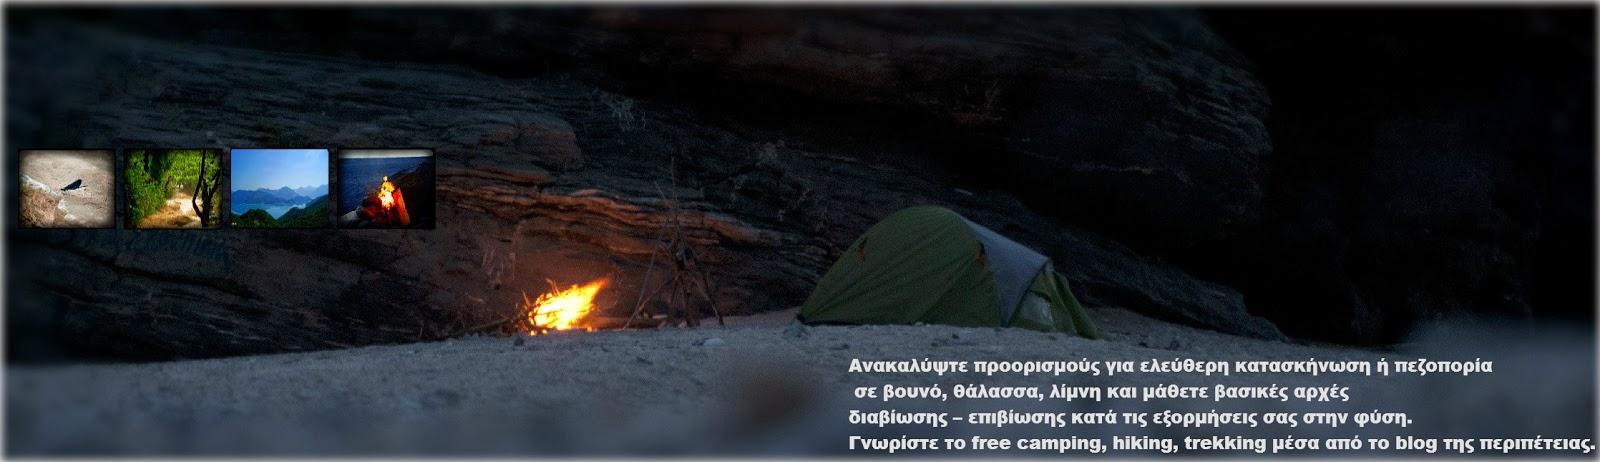 ελεύθερο camping